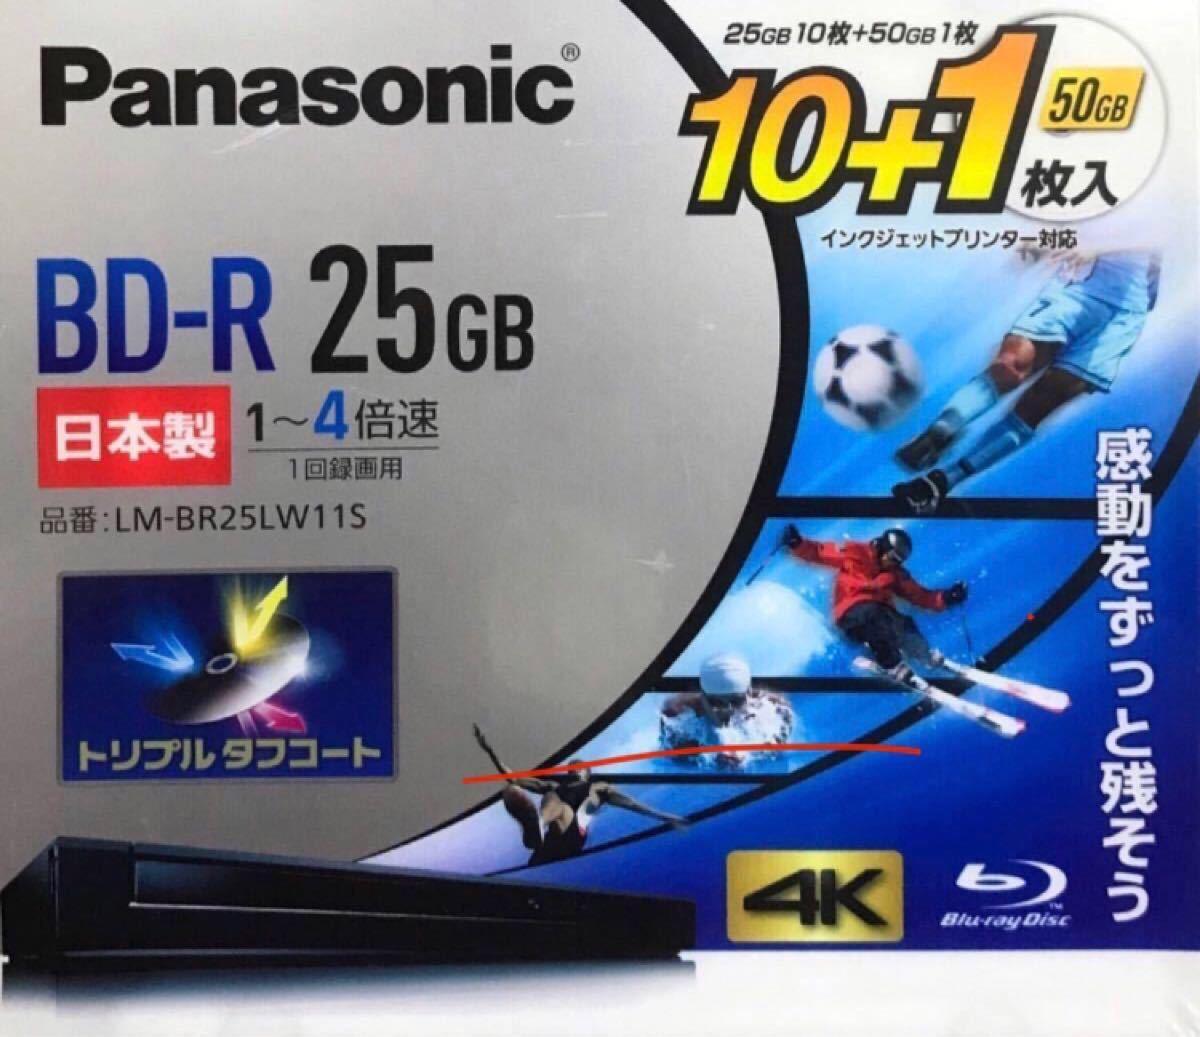 パナソニック 4倍速ブルーレイディスク25GB10枚+50GB1枚